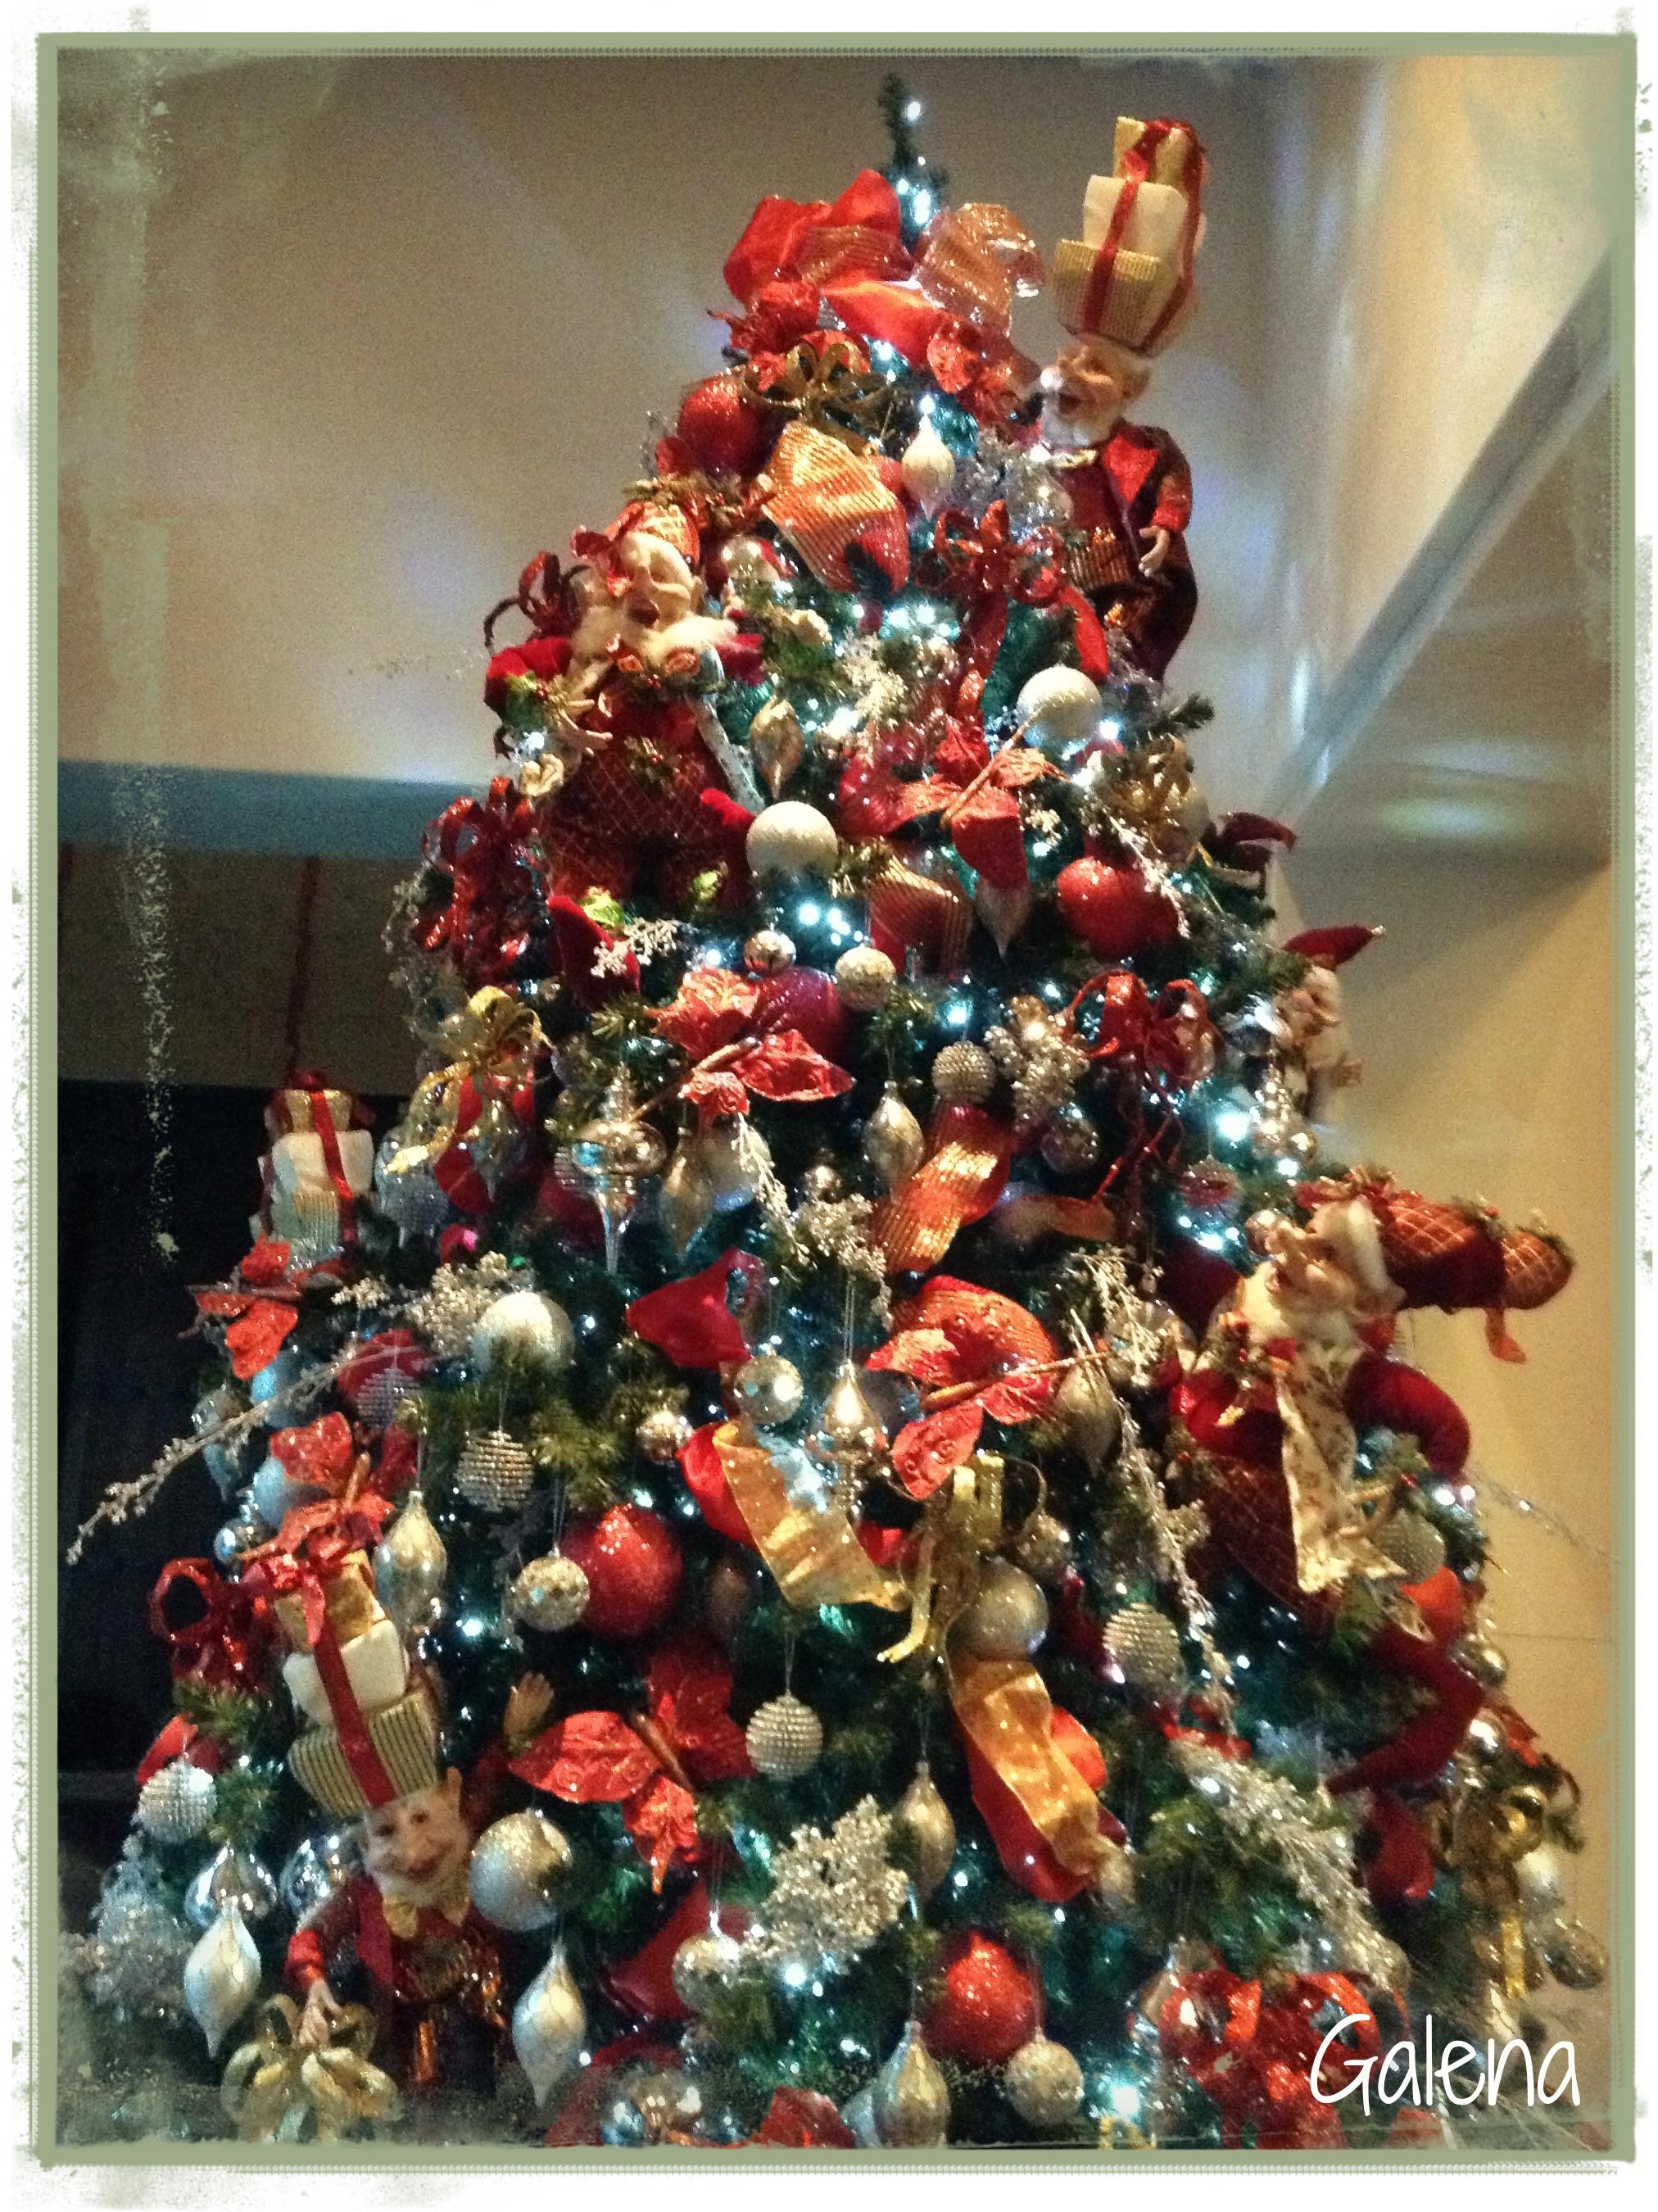 decorando el rbol de navidad con elfos